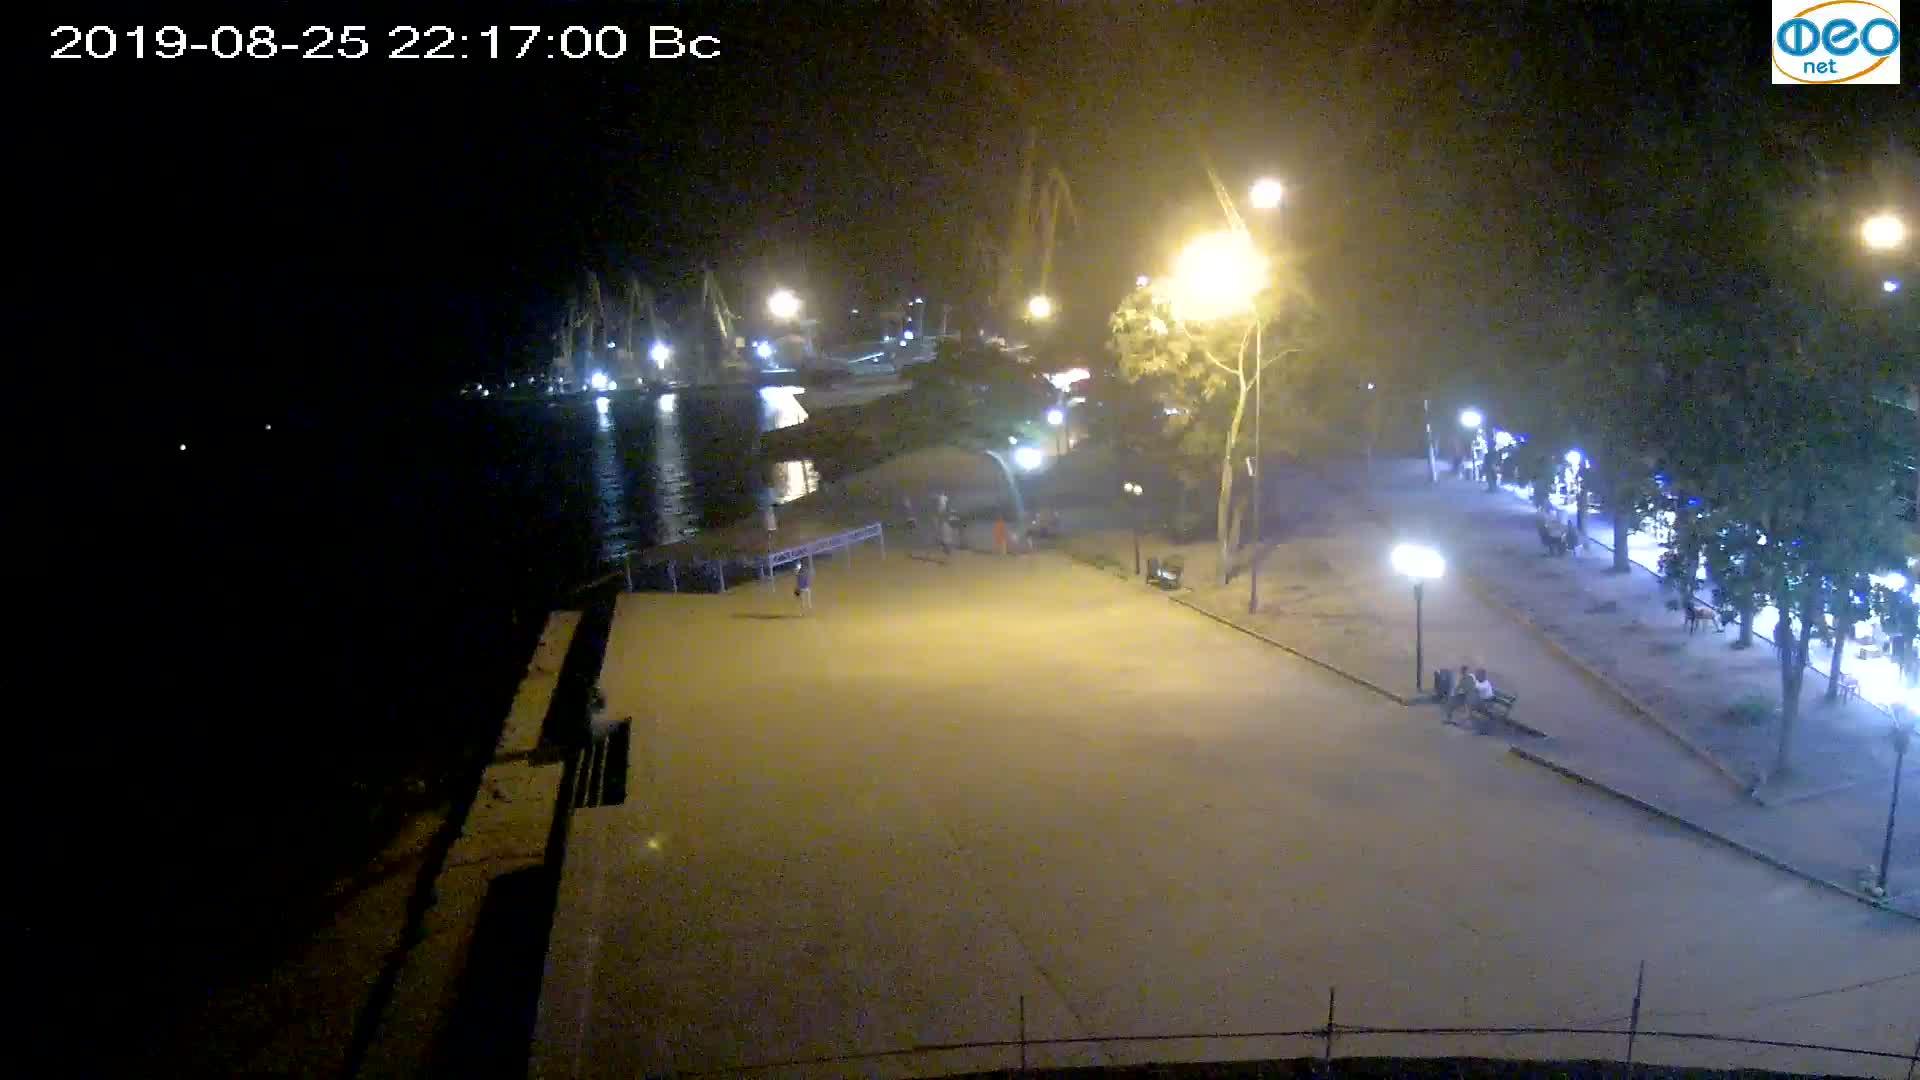 Веб-камеры Феодосии, Набережная Десантников, 2019-08-25 22:20:08